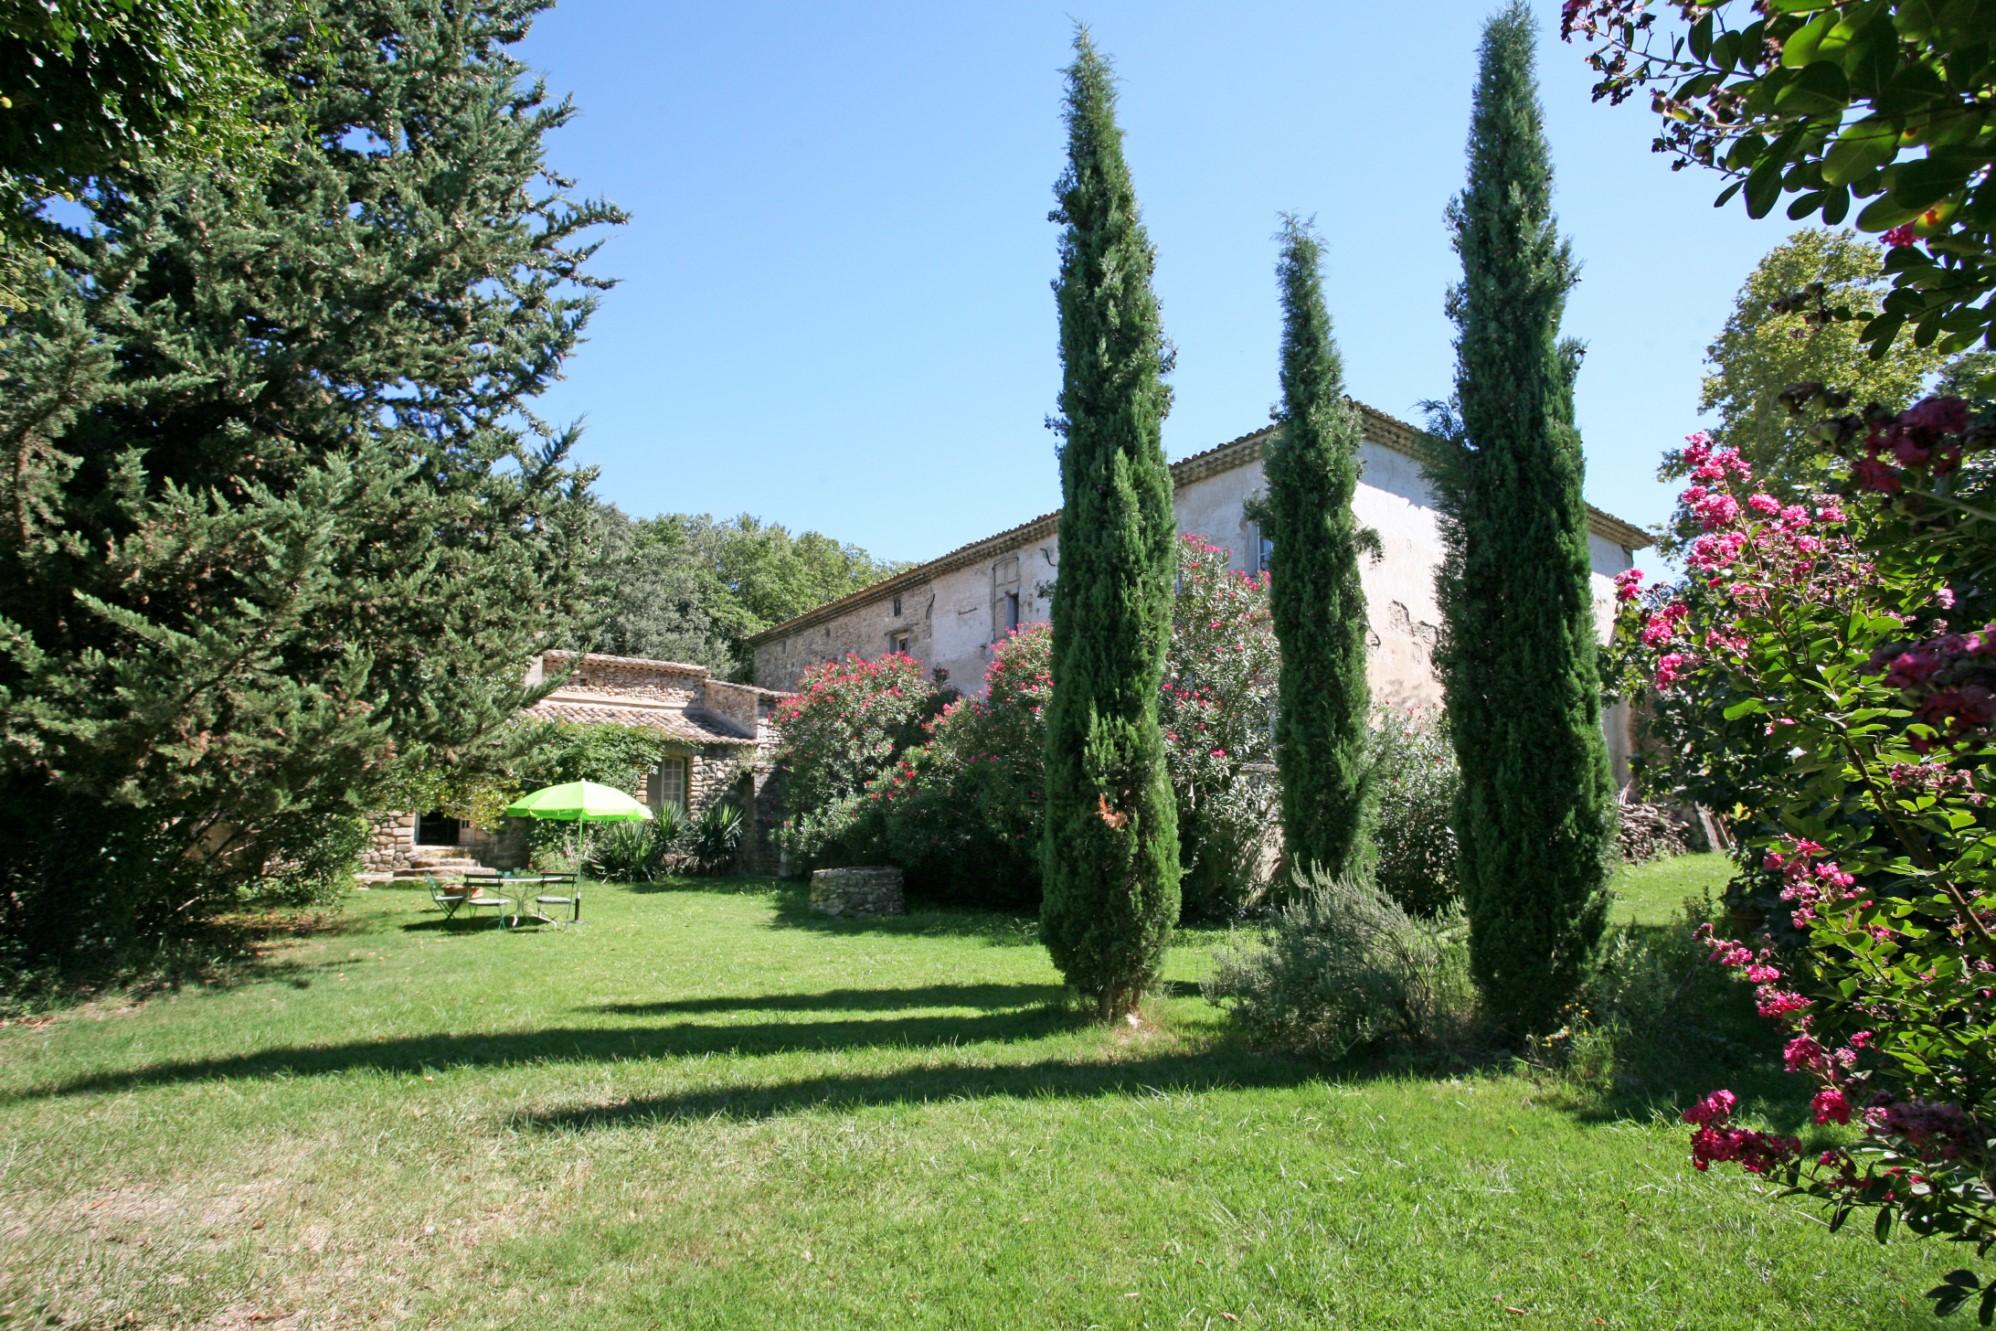 Maison bourgeoise avec gîtes et piscine à vendre en Provence